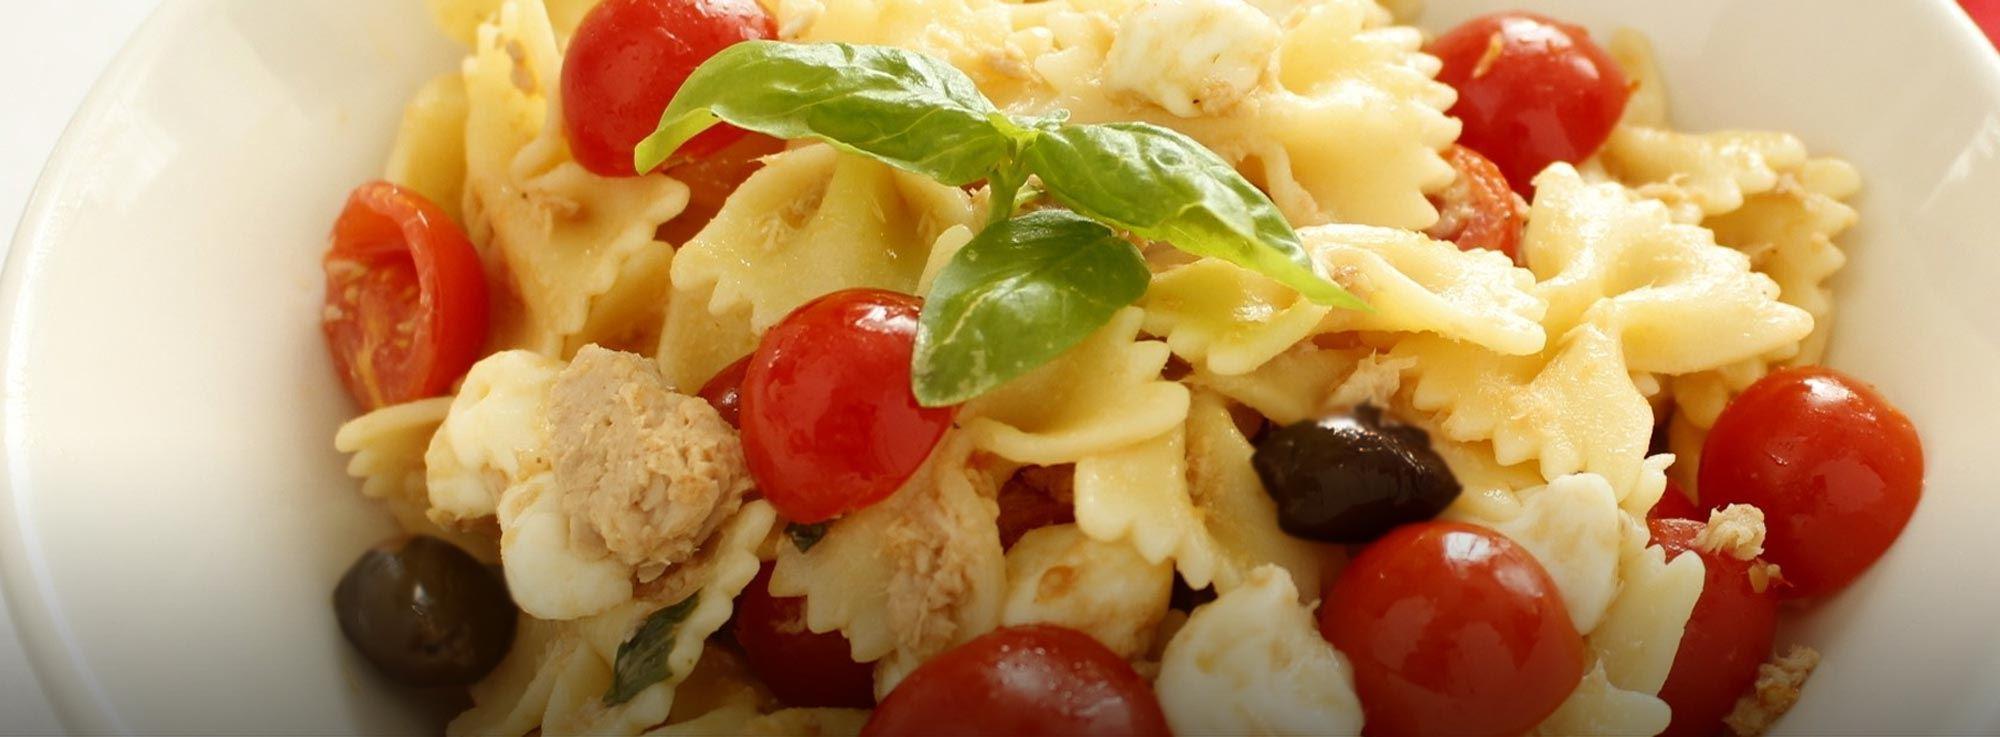 Ricetta: Insalata di pasta mediterranea